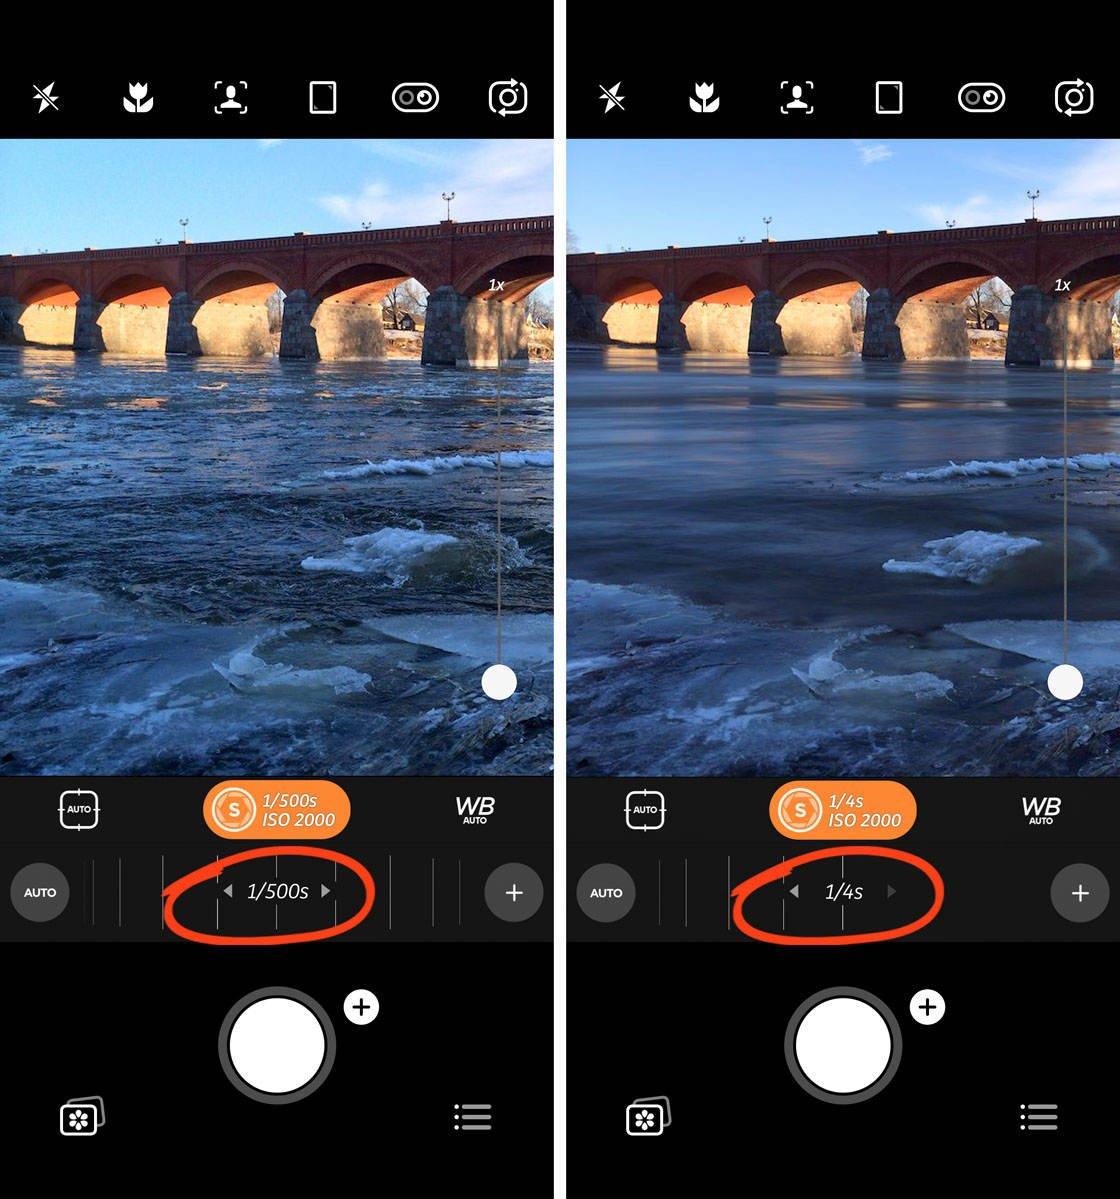 Advanced iphone camera controls 84 no script